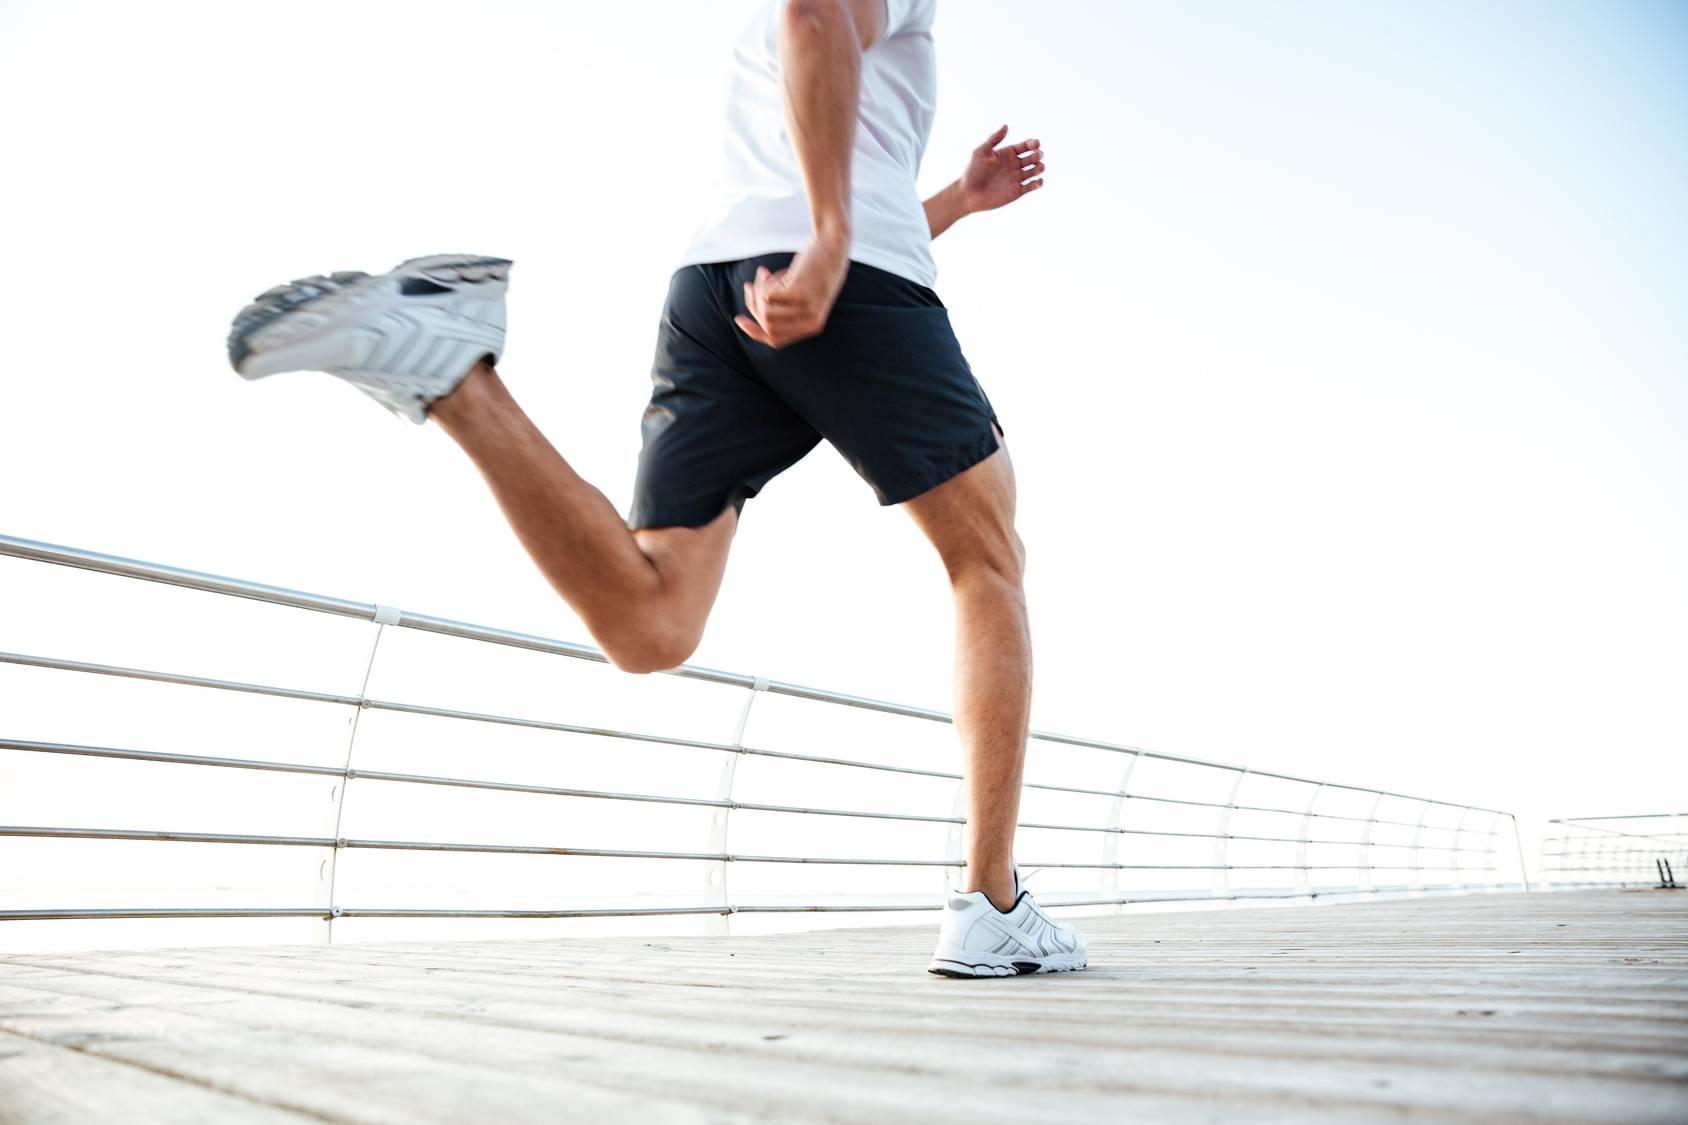 Aktywność fizyczna pomaga walczyć z cukrzycą typu 2. Mężczyzna w sportowym stroju biegnie po deptaku.